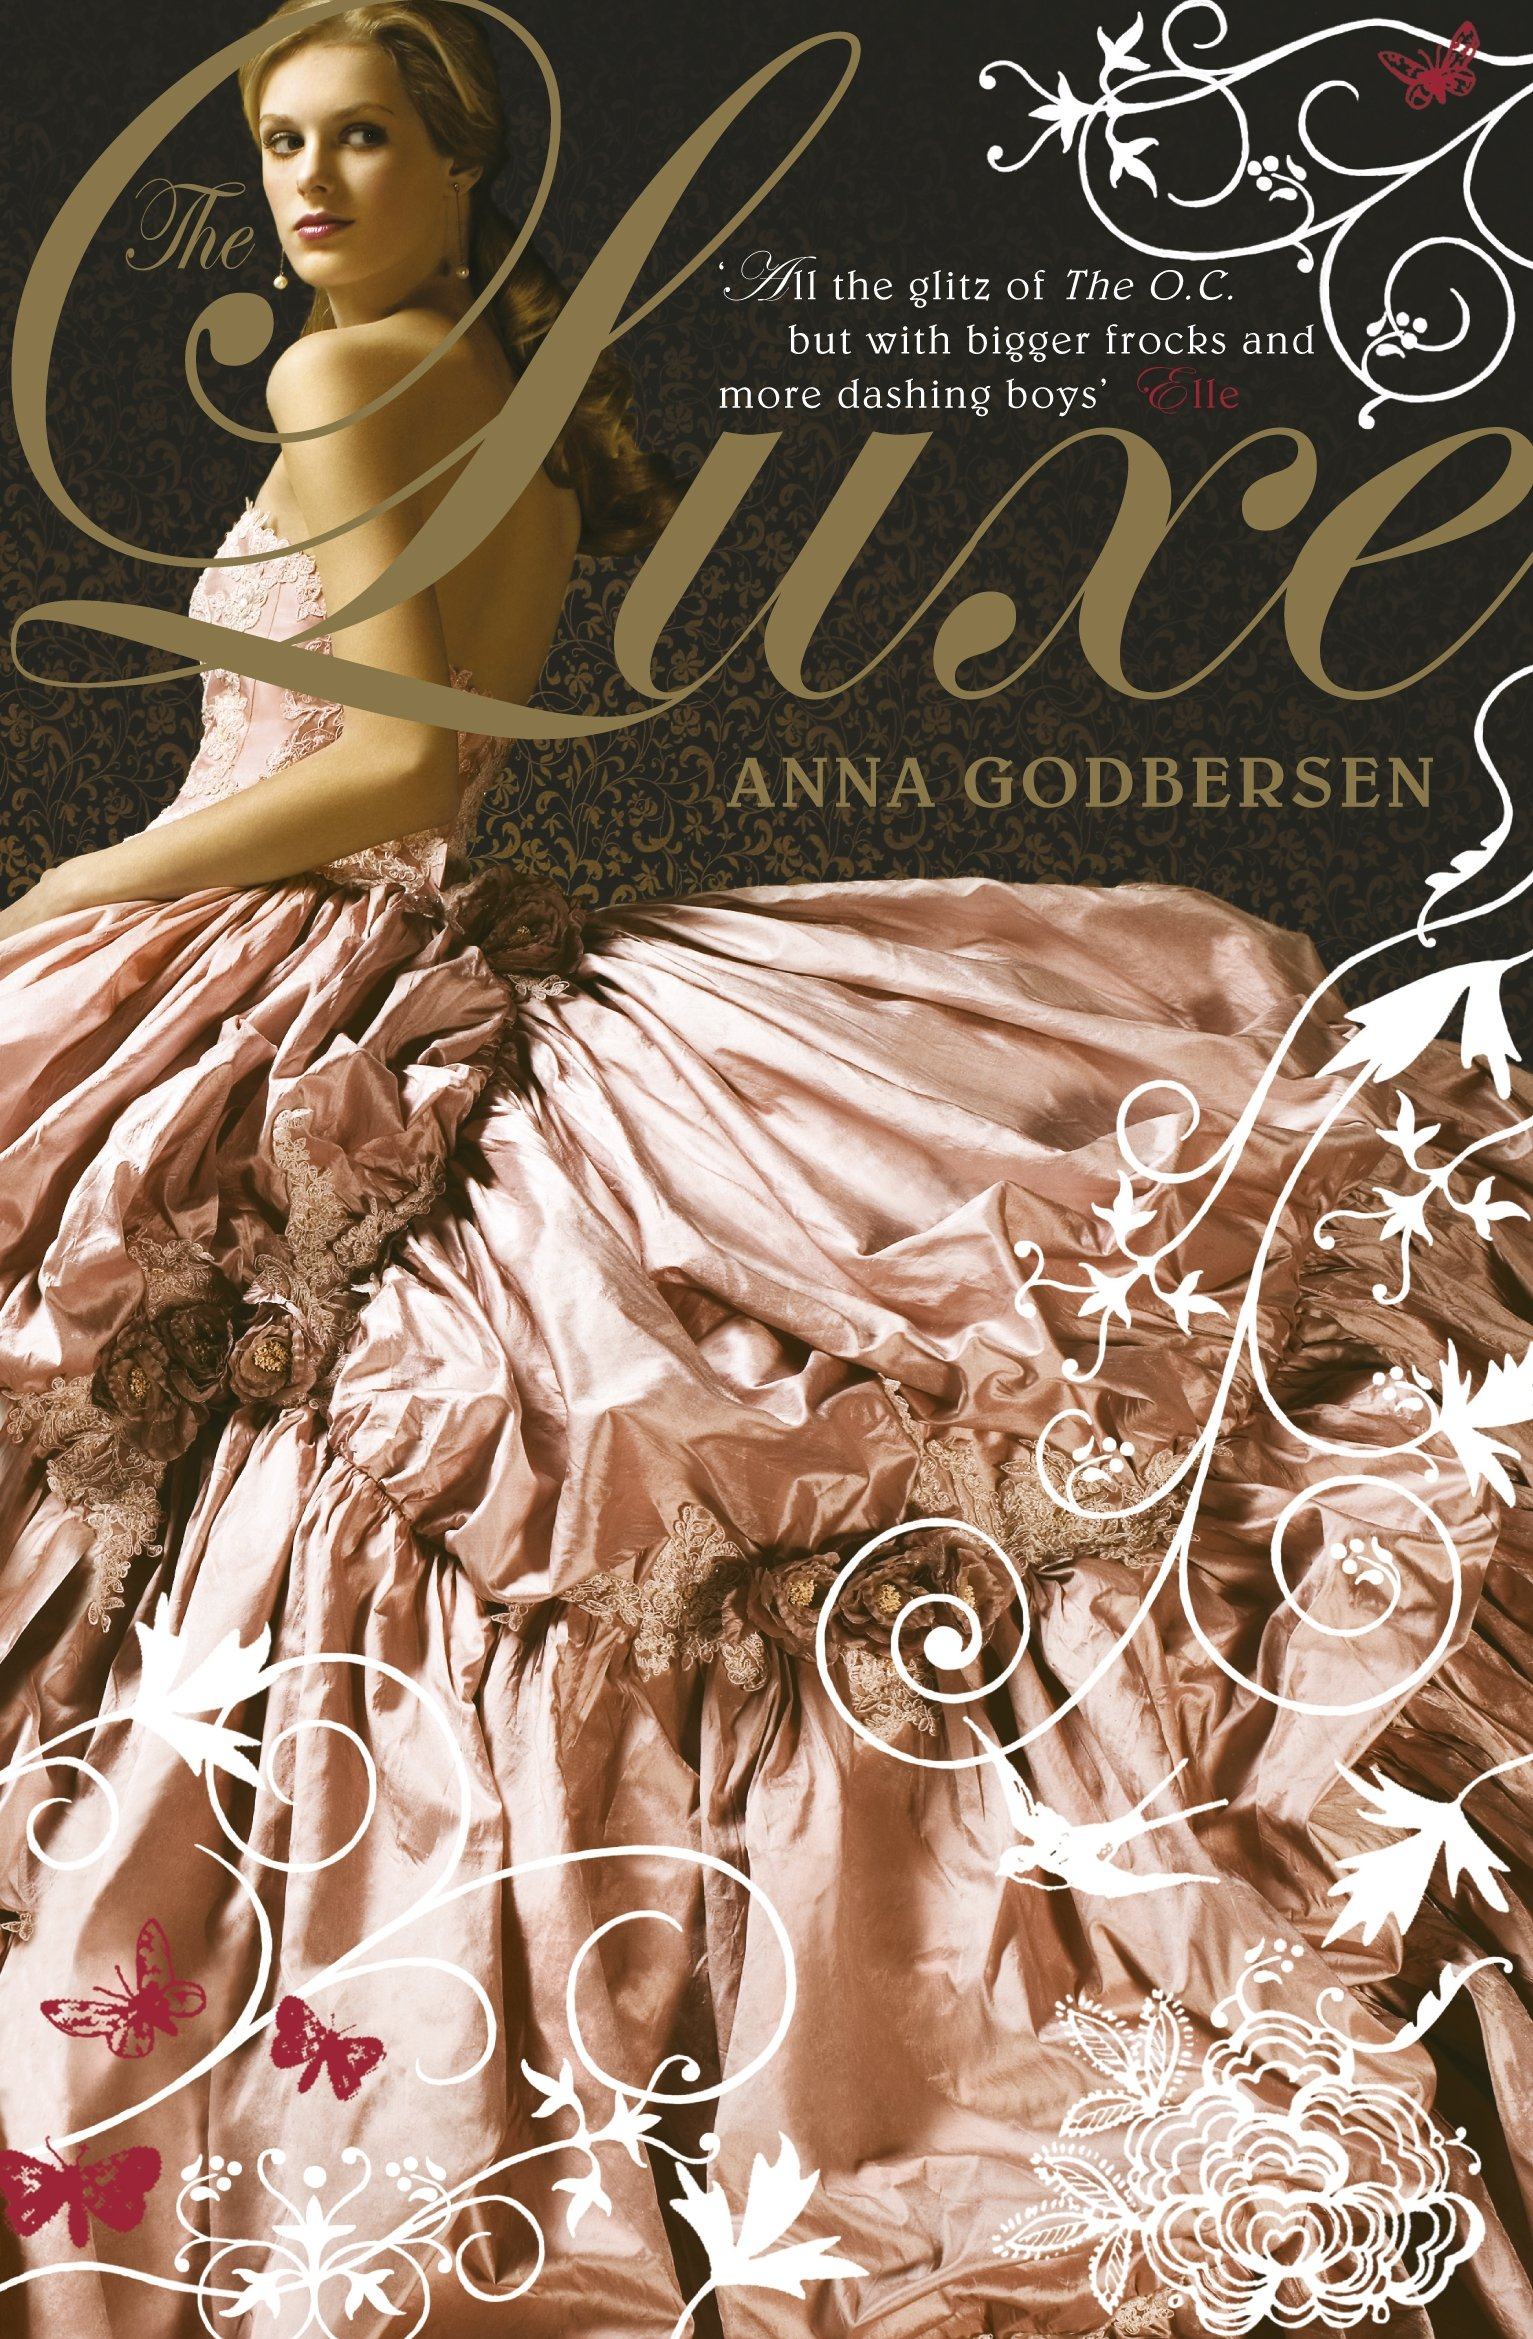 The Luxe: Amazon.co.uk: Godbersen, Anna: 9780141323367: Books